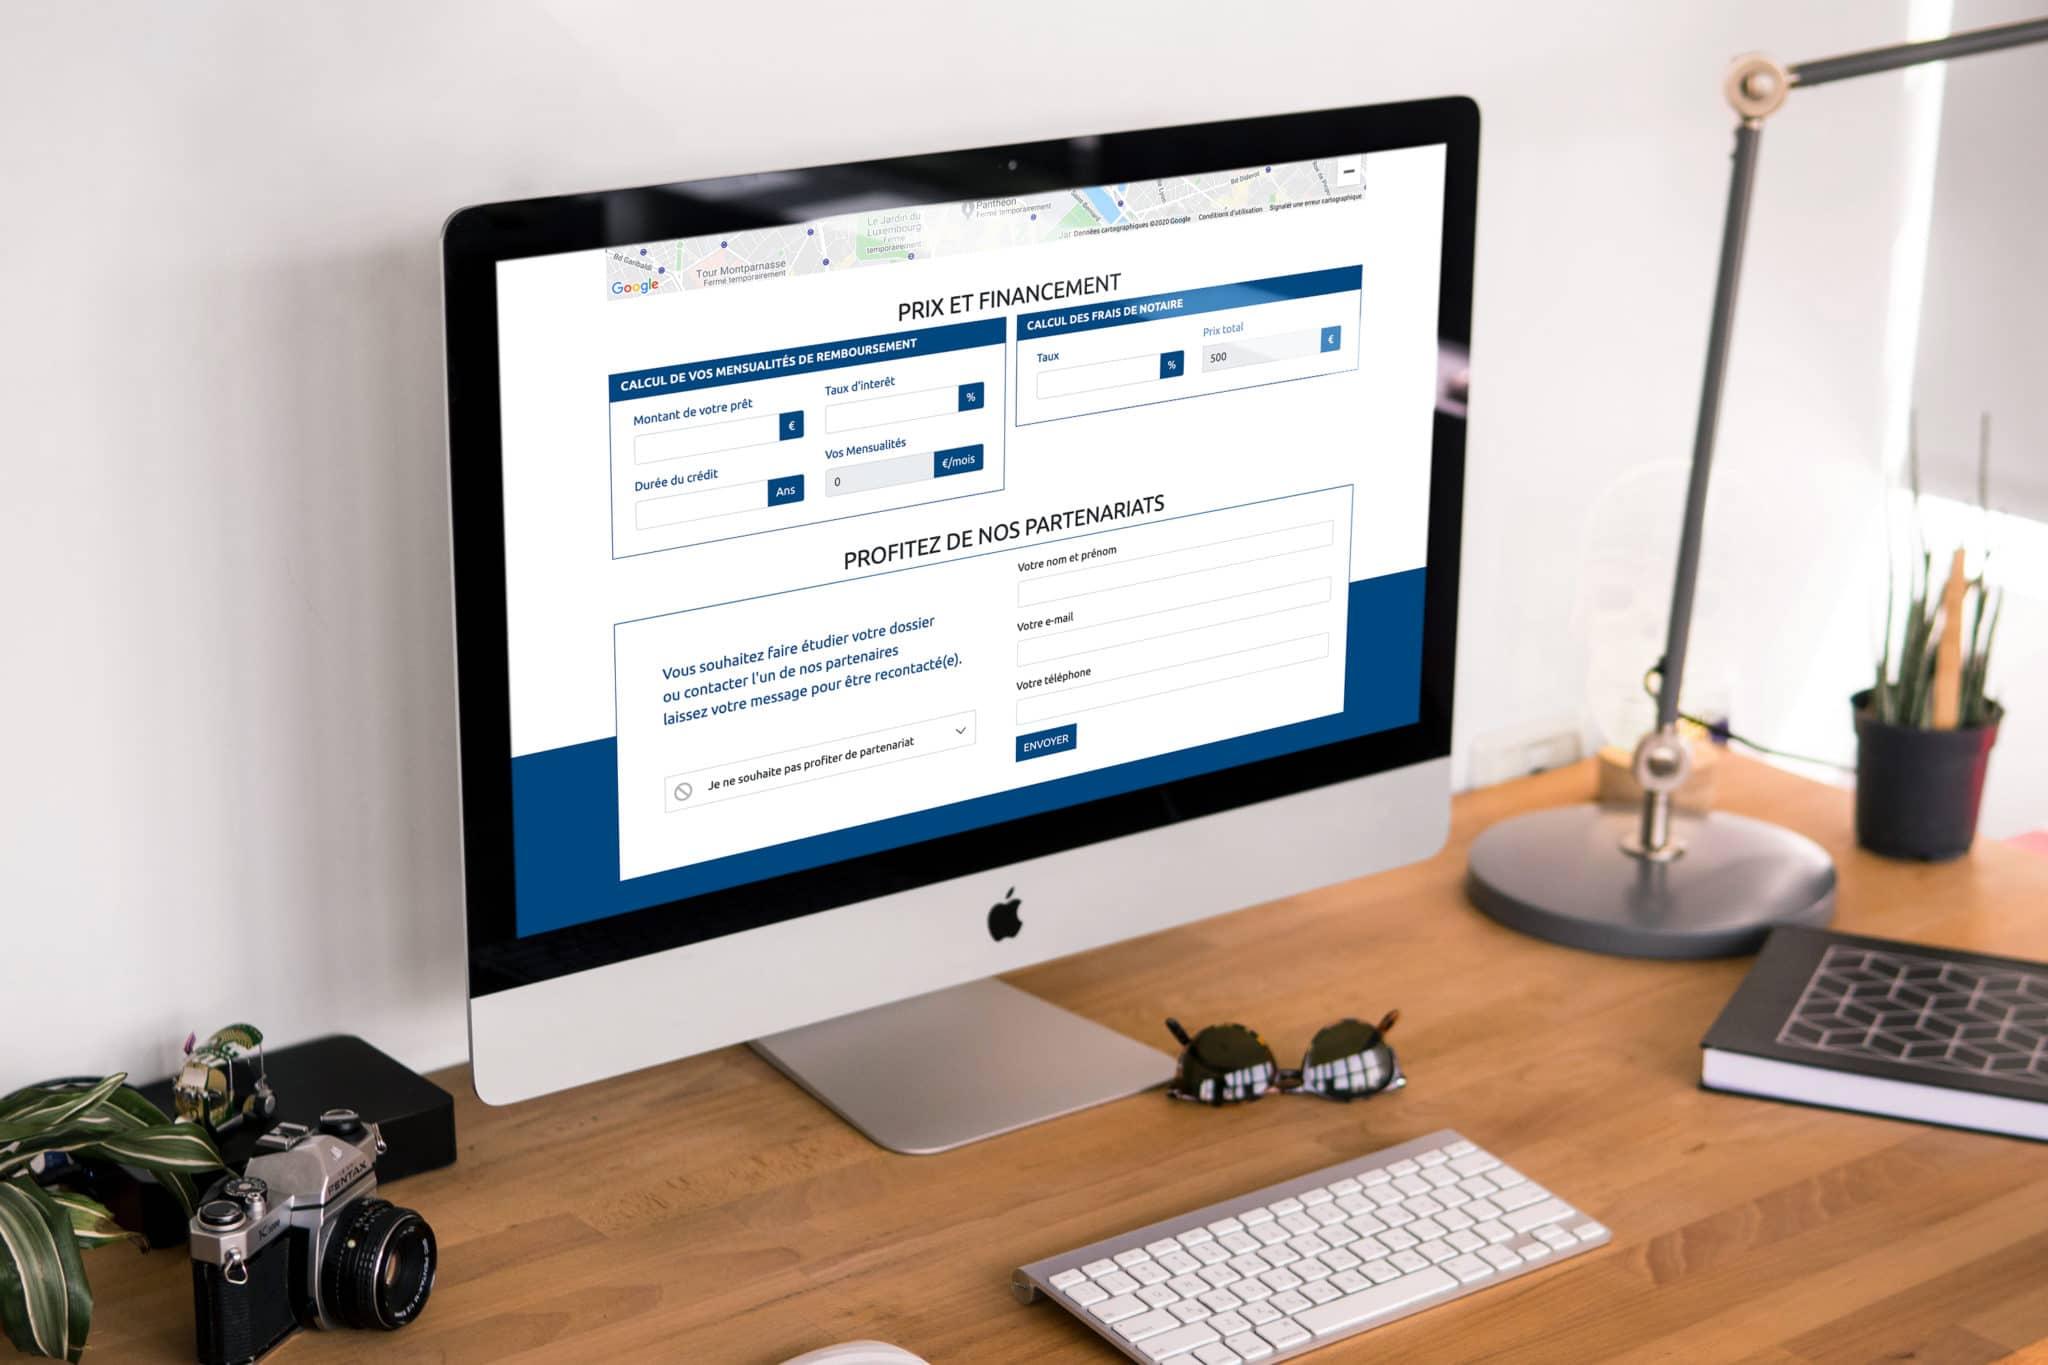 Mise en situation des modules de calcul de mensualité et frais de notaire dans un écran d'ordinateur